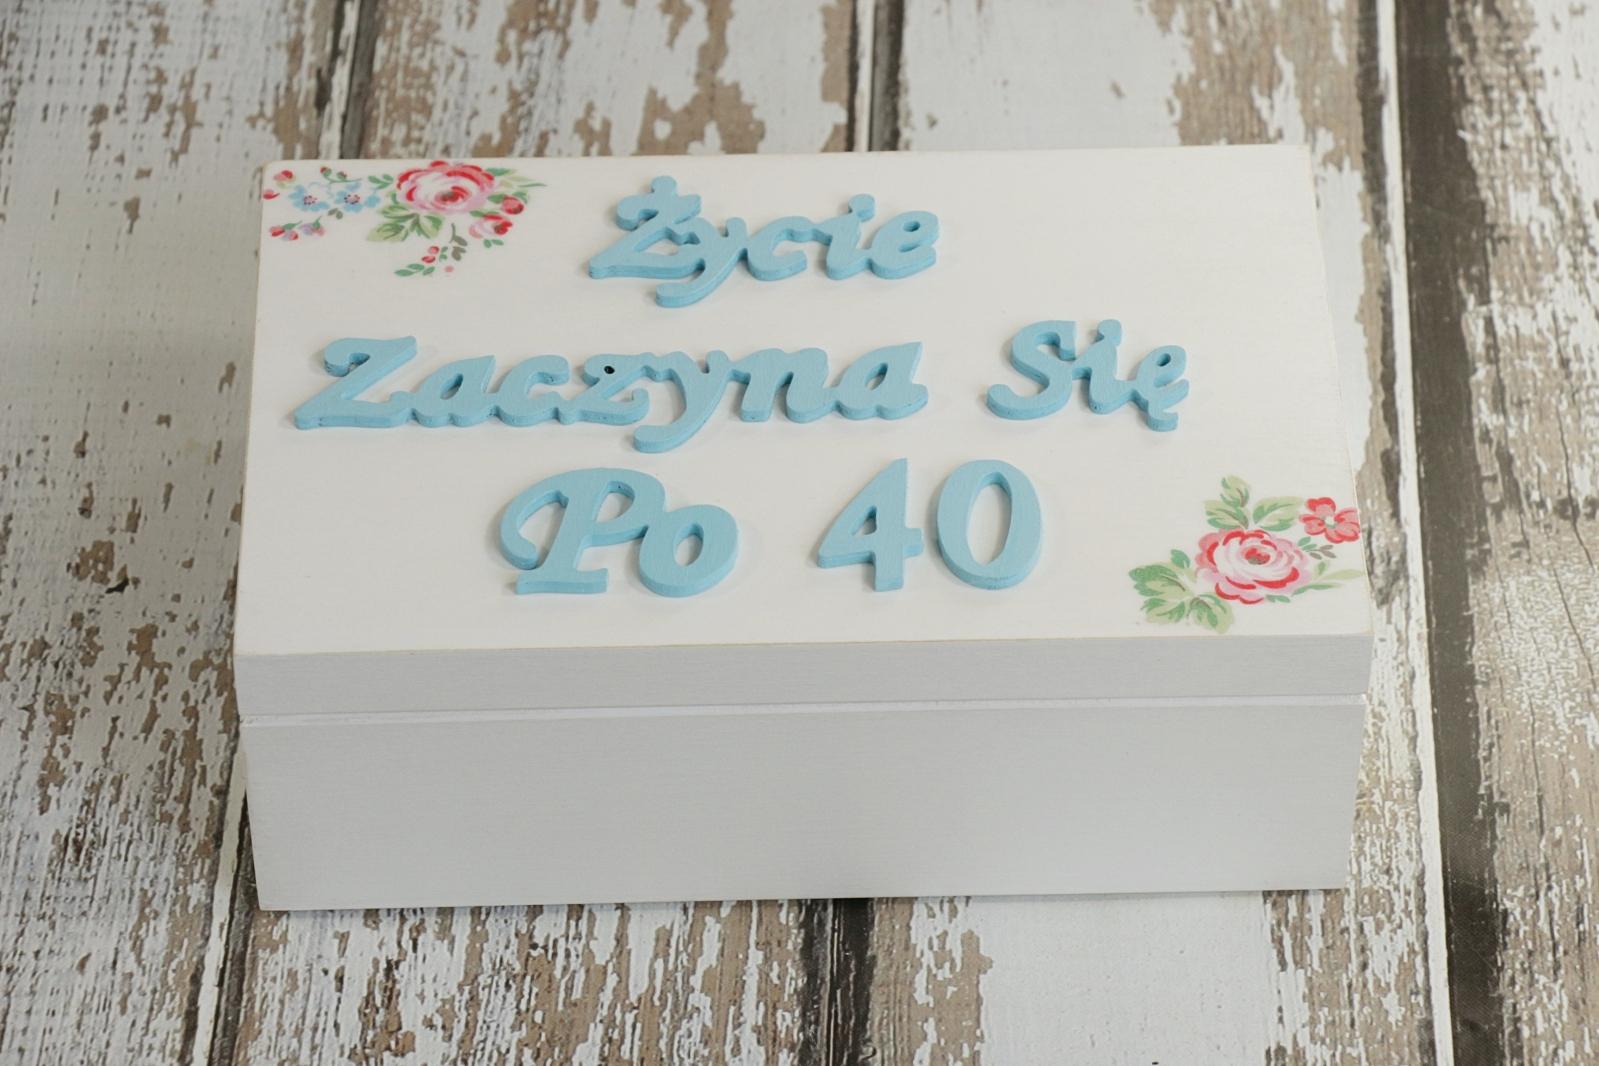 Inteligentny Pudełko urodzinowe | Handmade | zBLOGowani TC52